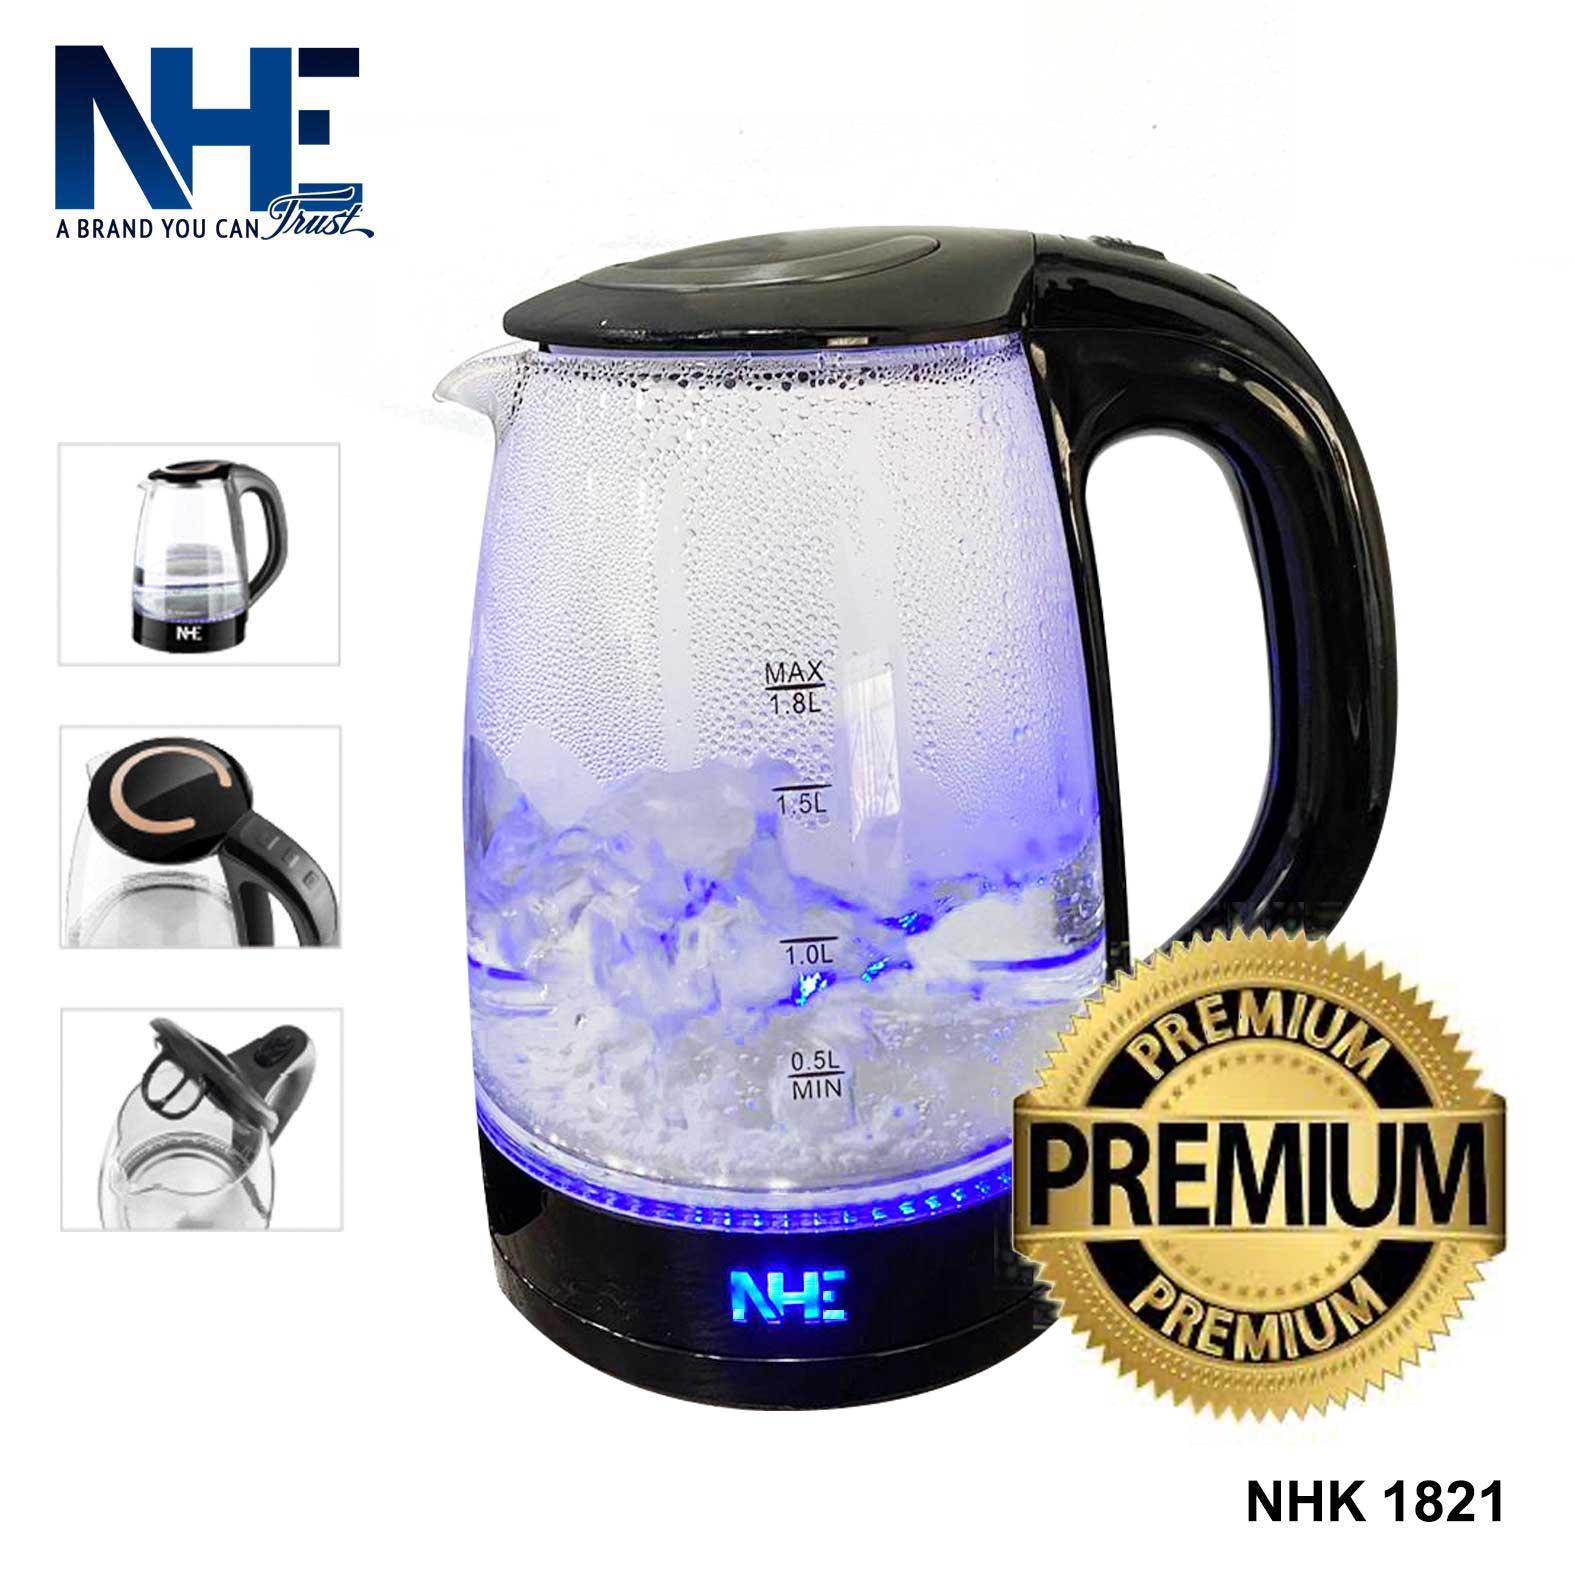 NHE Glass Kettle 1.8 L - NHK 1821